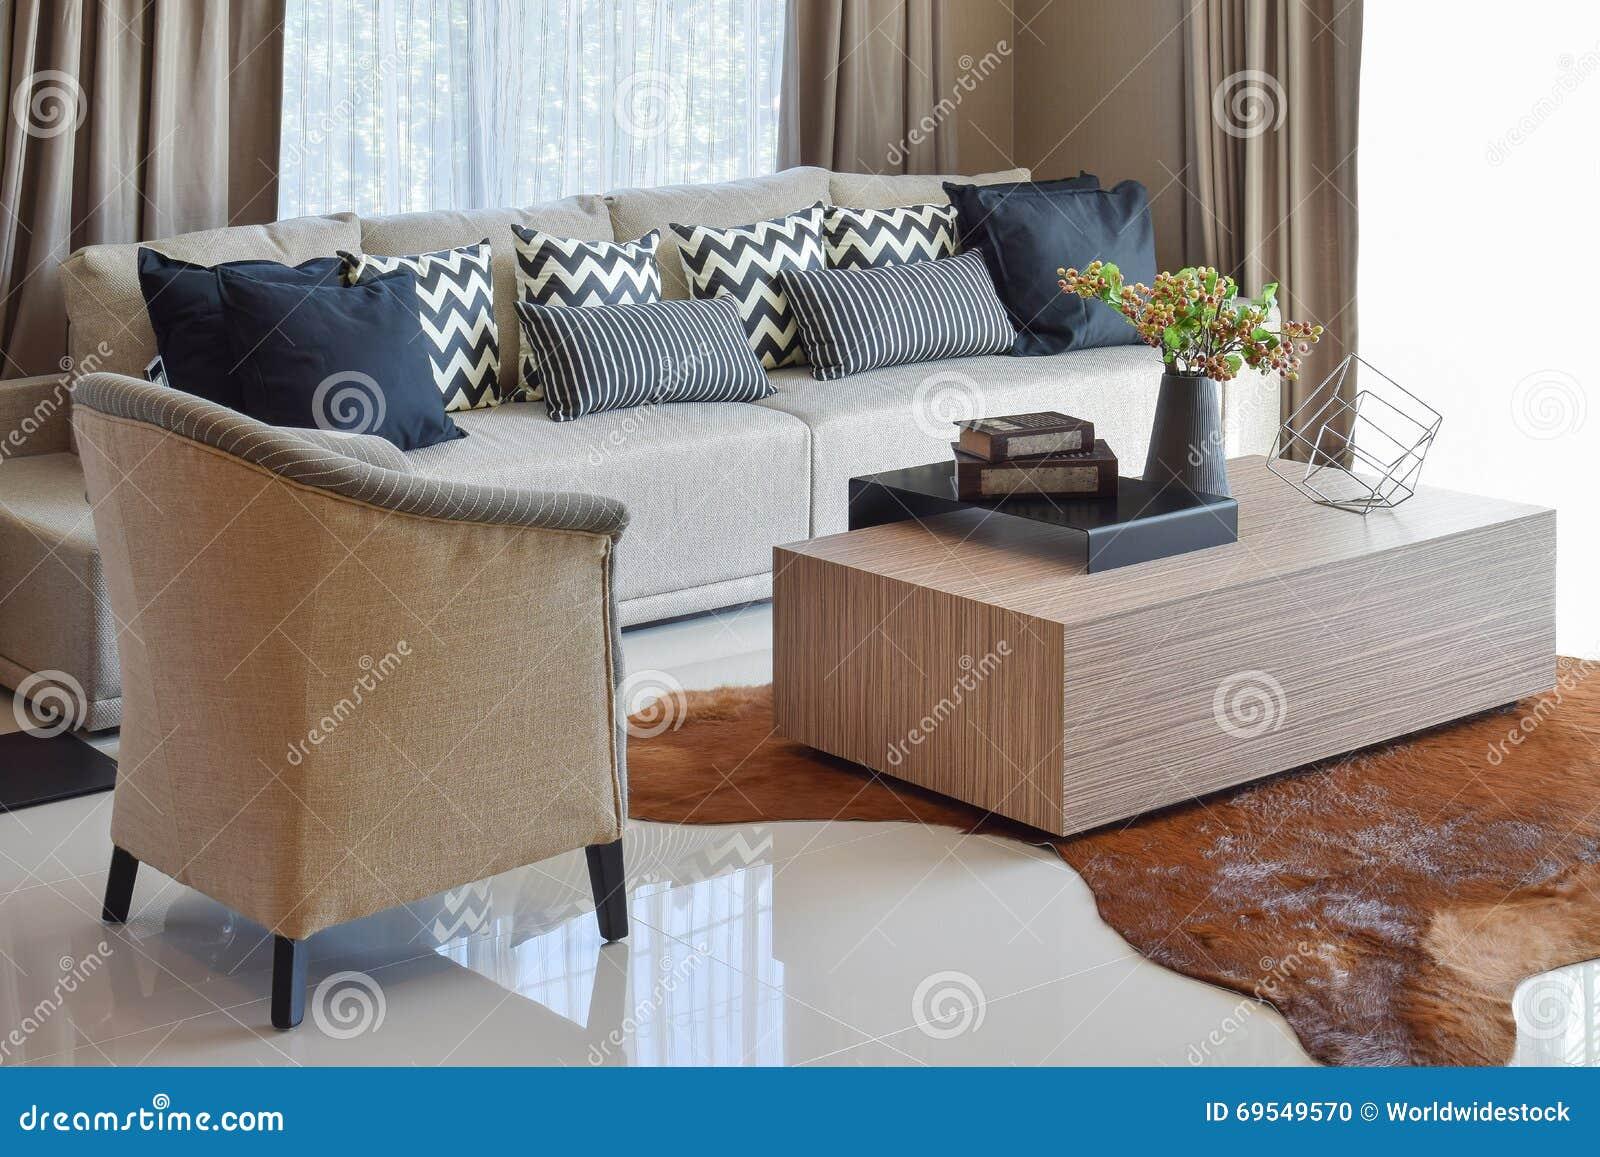 Μοντέρνο καθιστικό με τα γκρίζα ριγωτά μαξιλάρια στον καναπέ